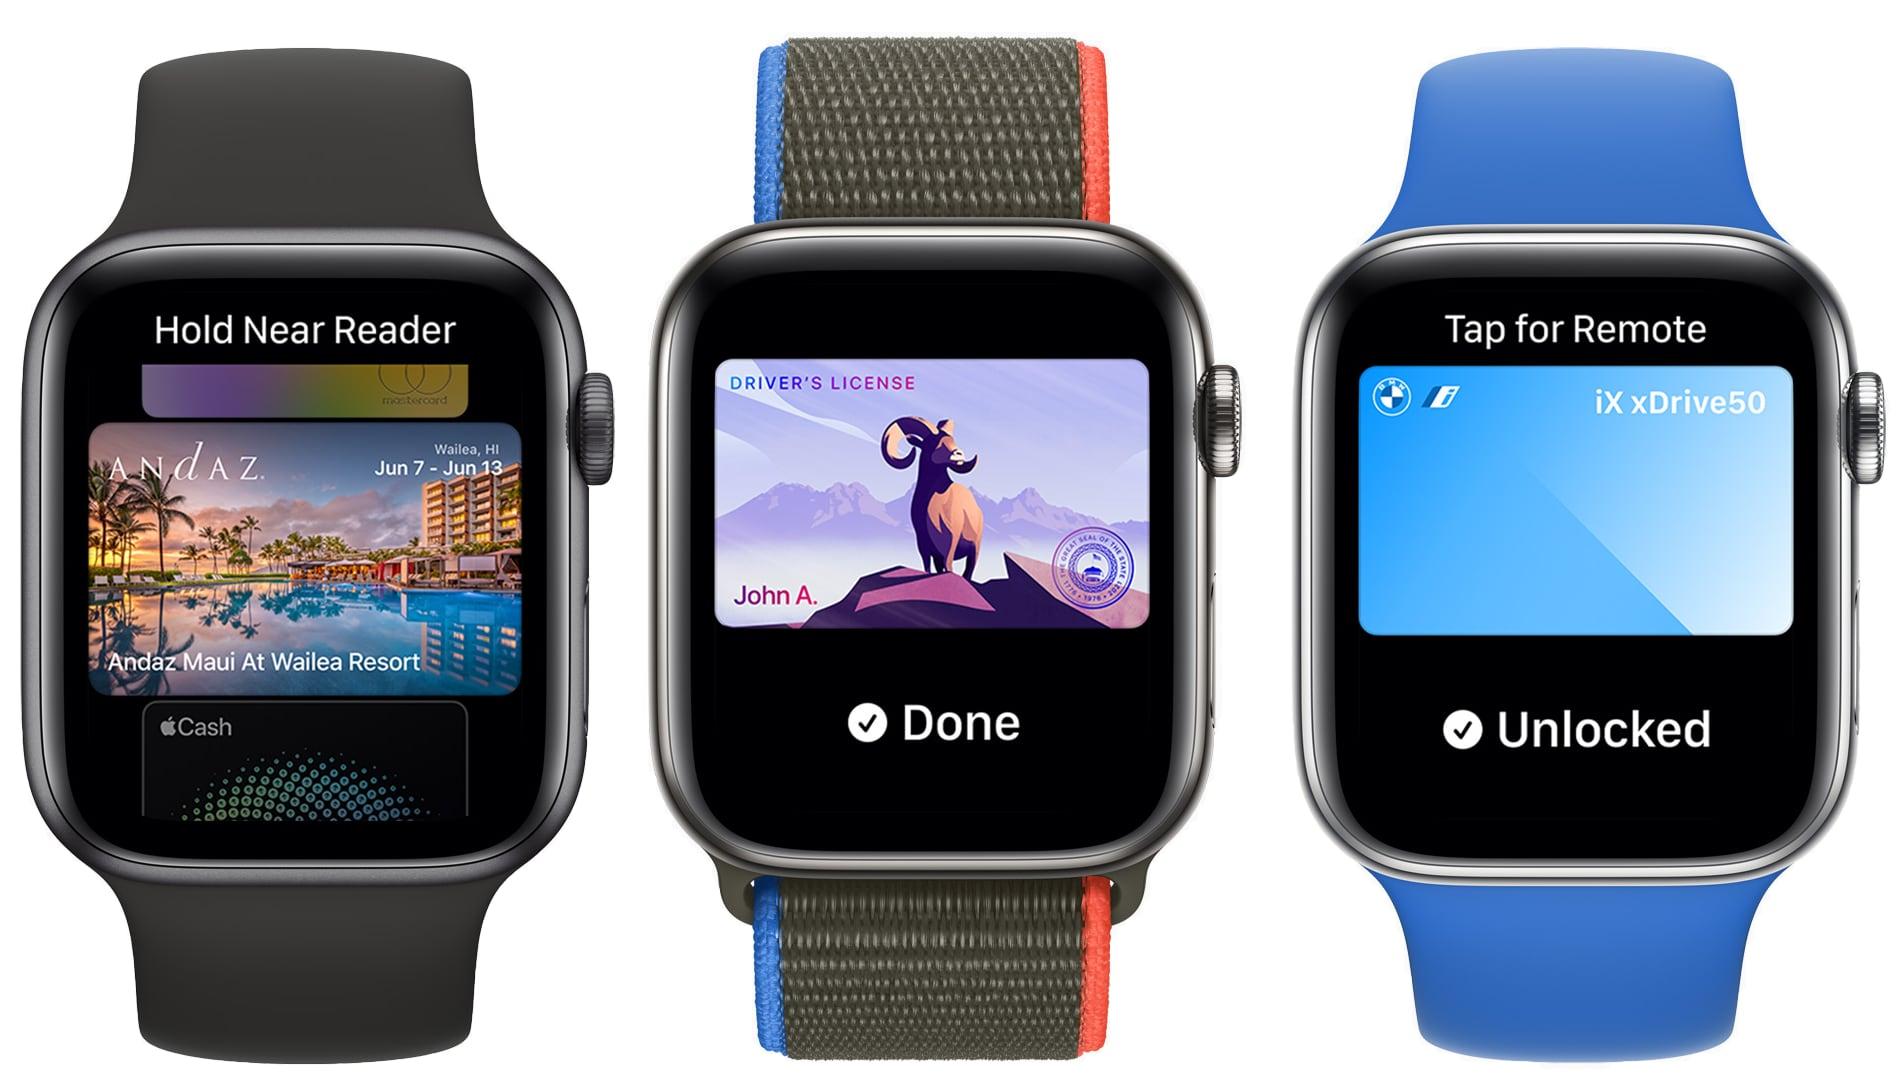 watchos 8 wallet app improvements